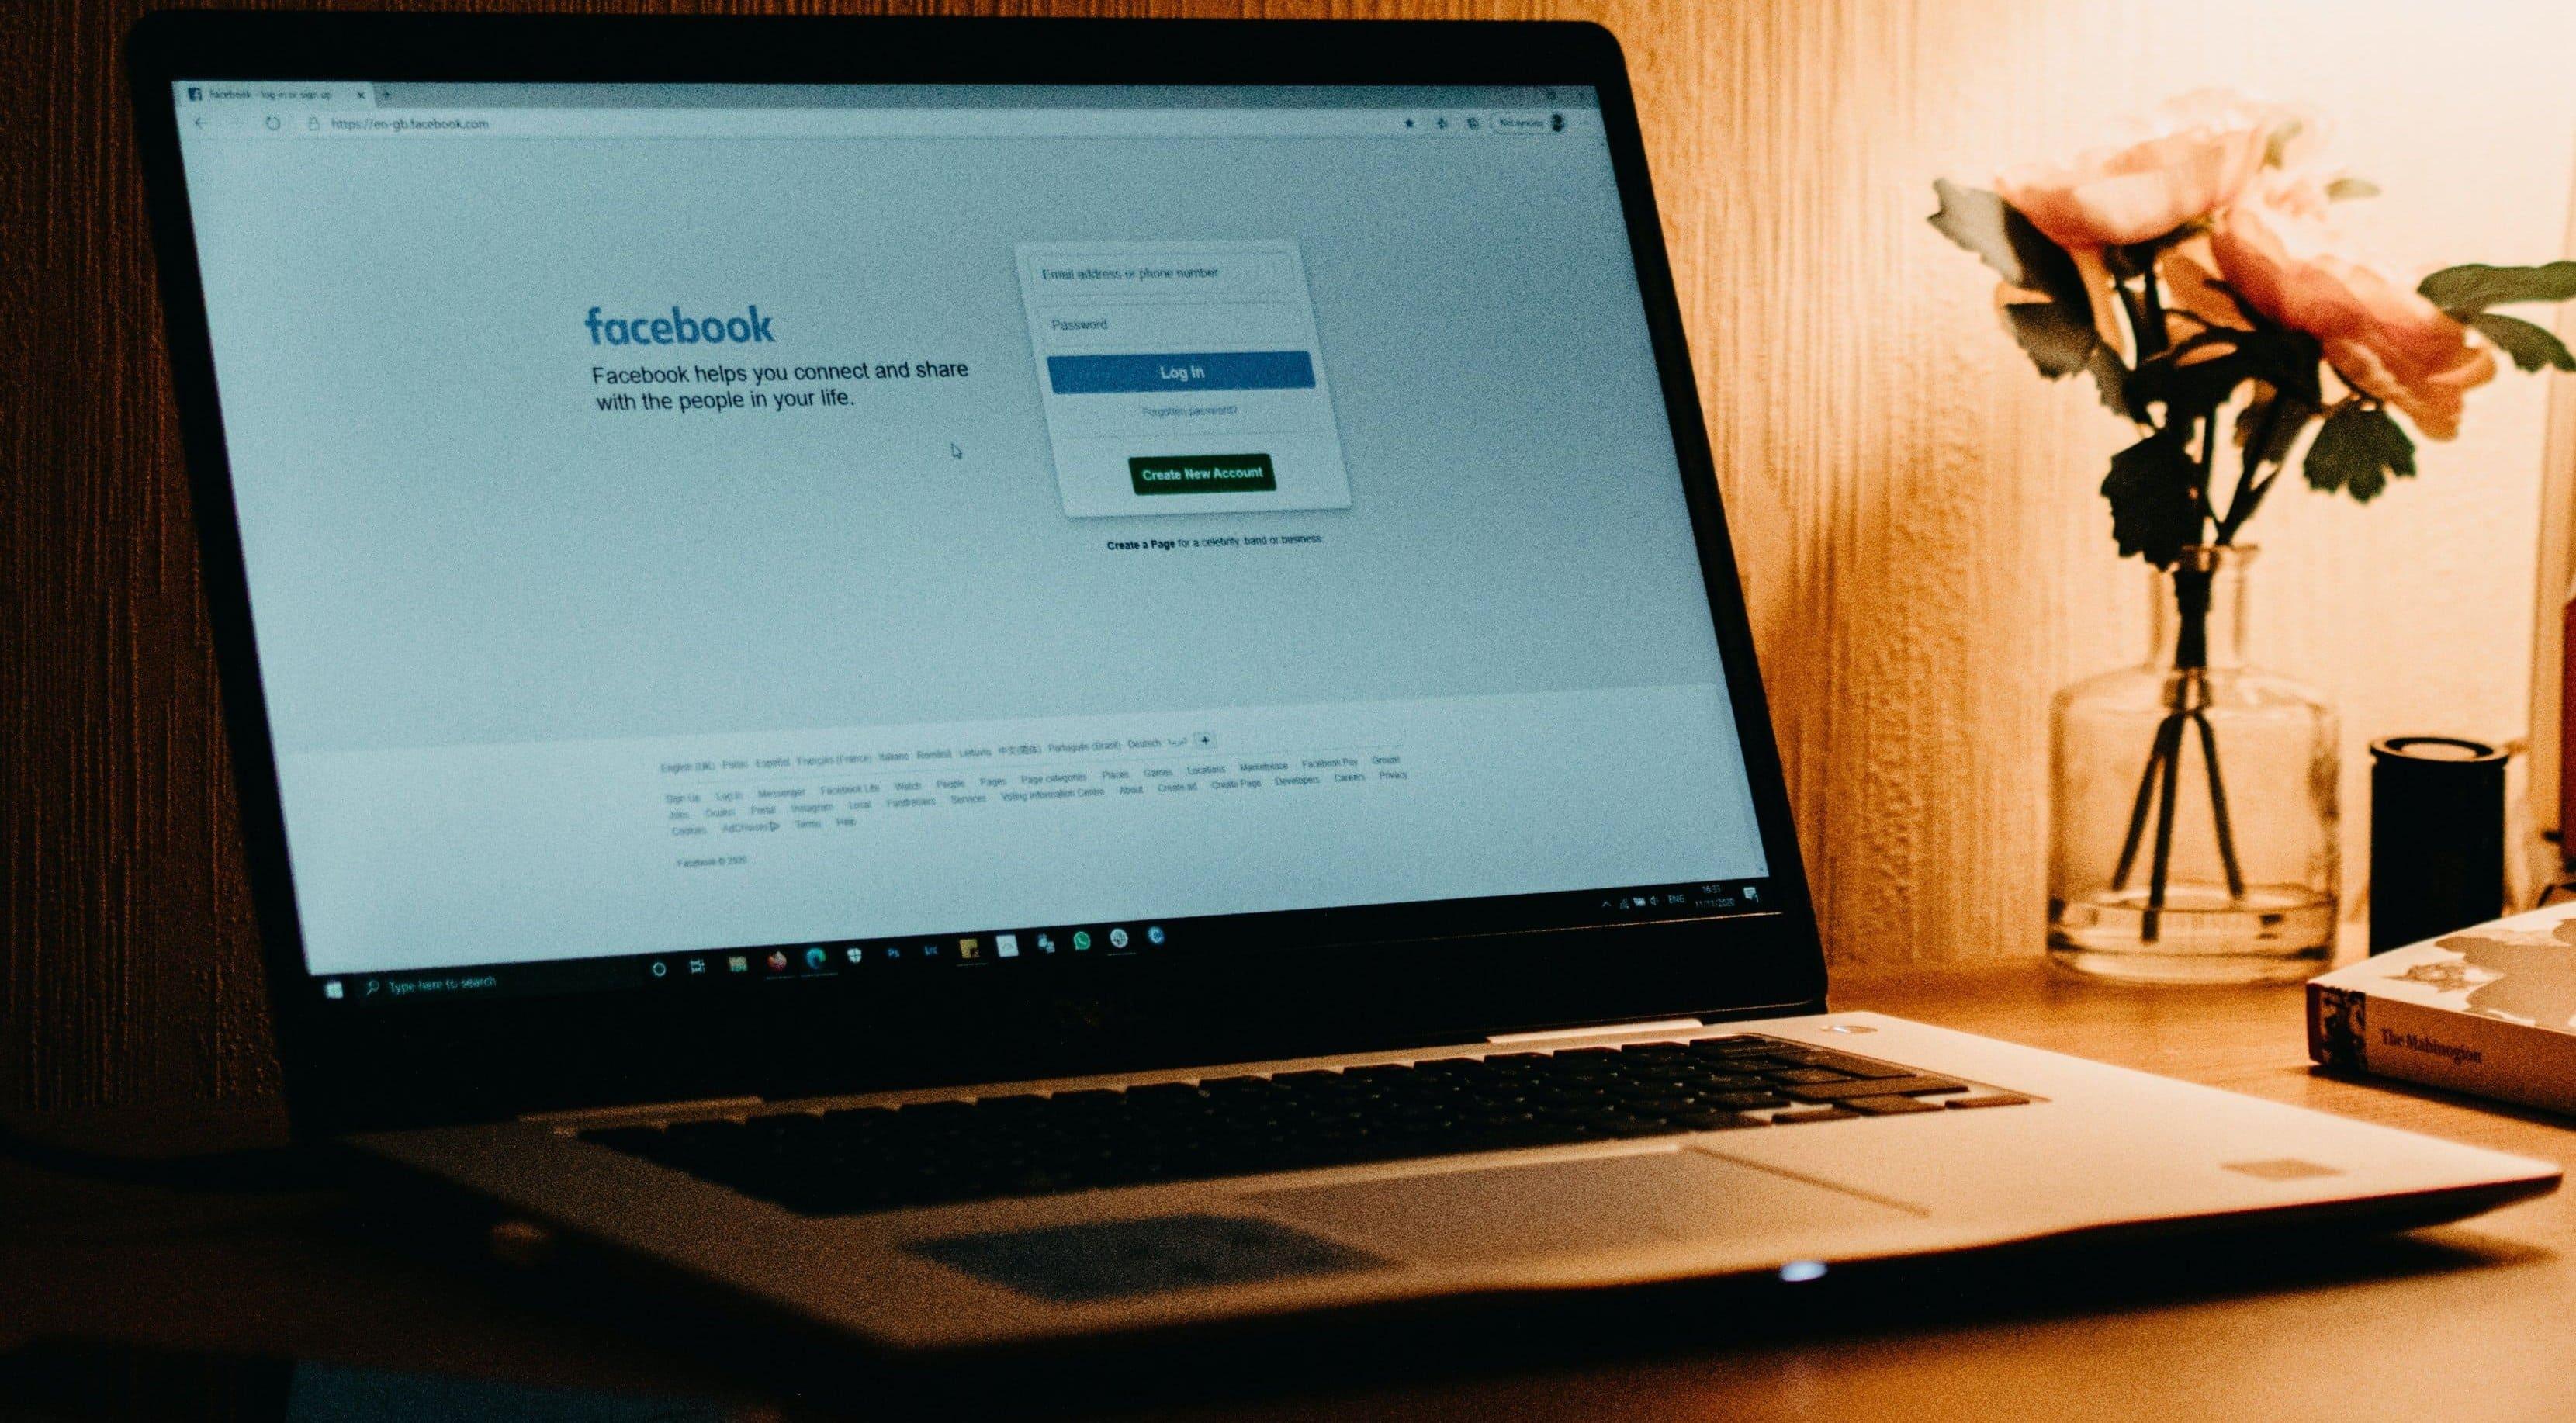 Как создавать рекламу на Facebook: 6 советов, которые помогут вам извлечь выгоду